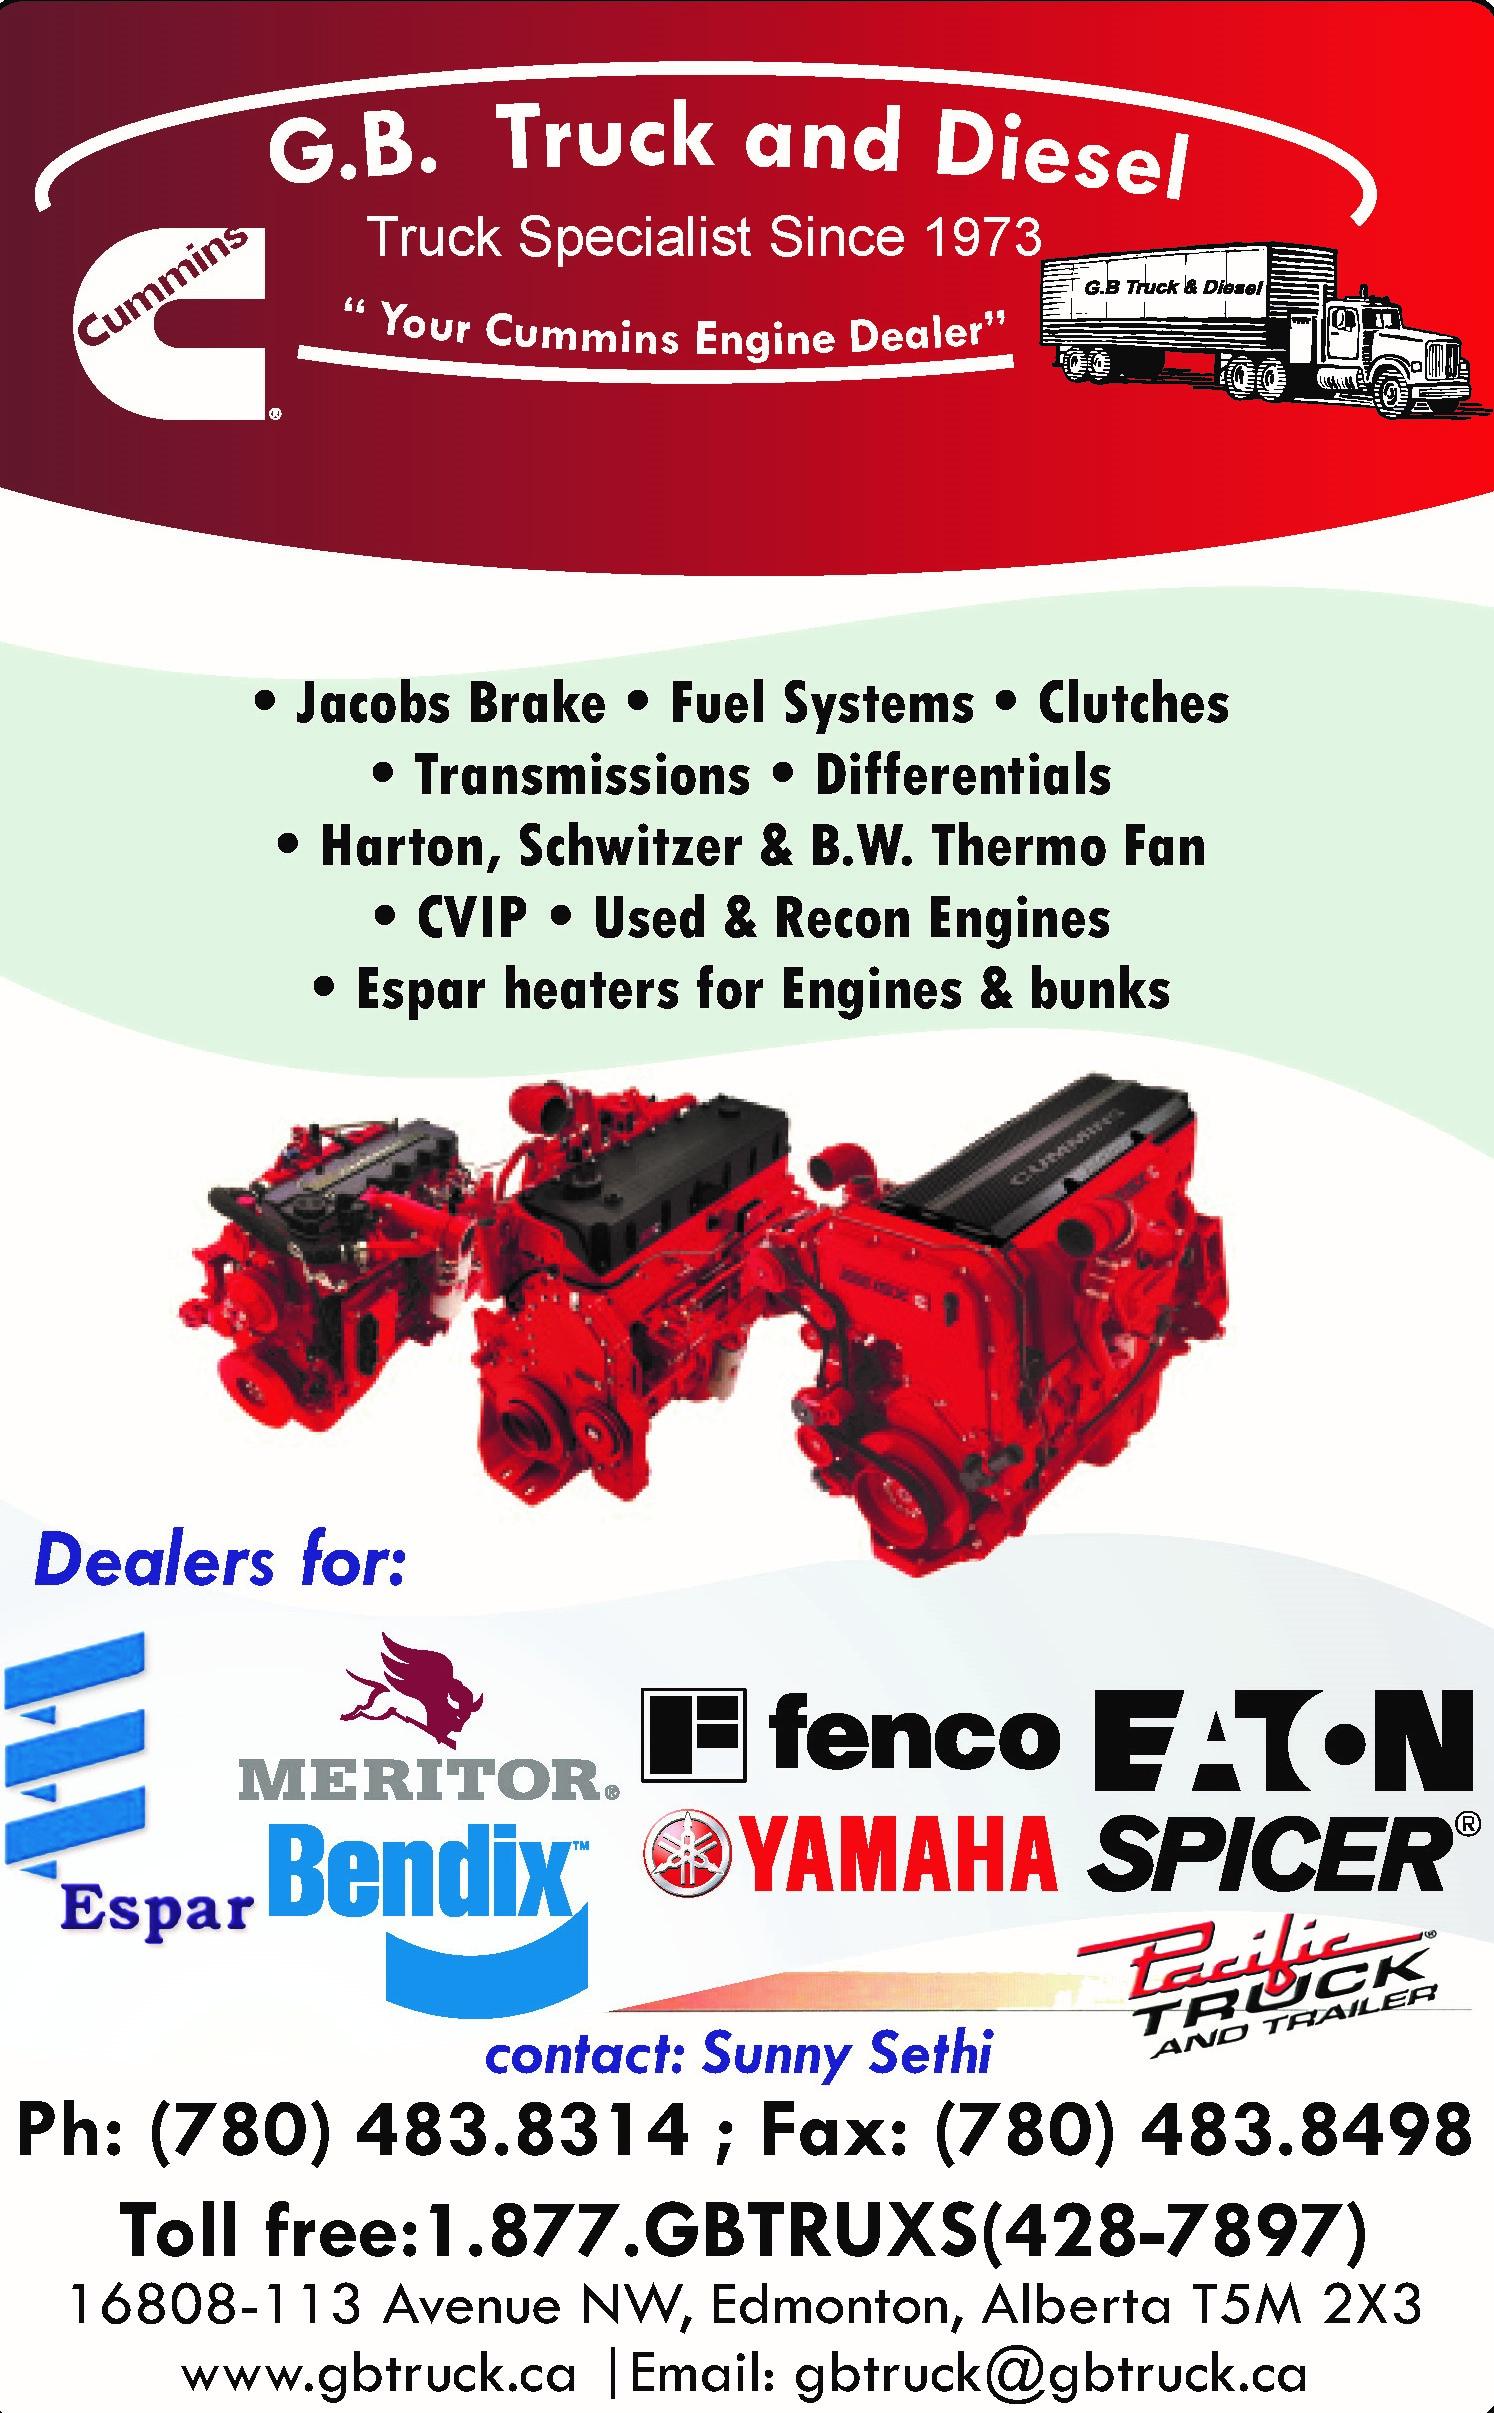 gb-truck-and-diesel-IdBcFz0.jpeg